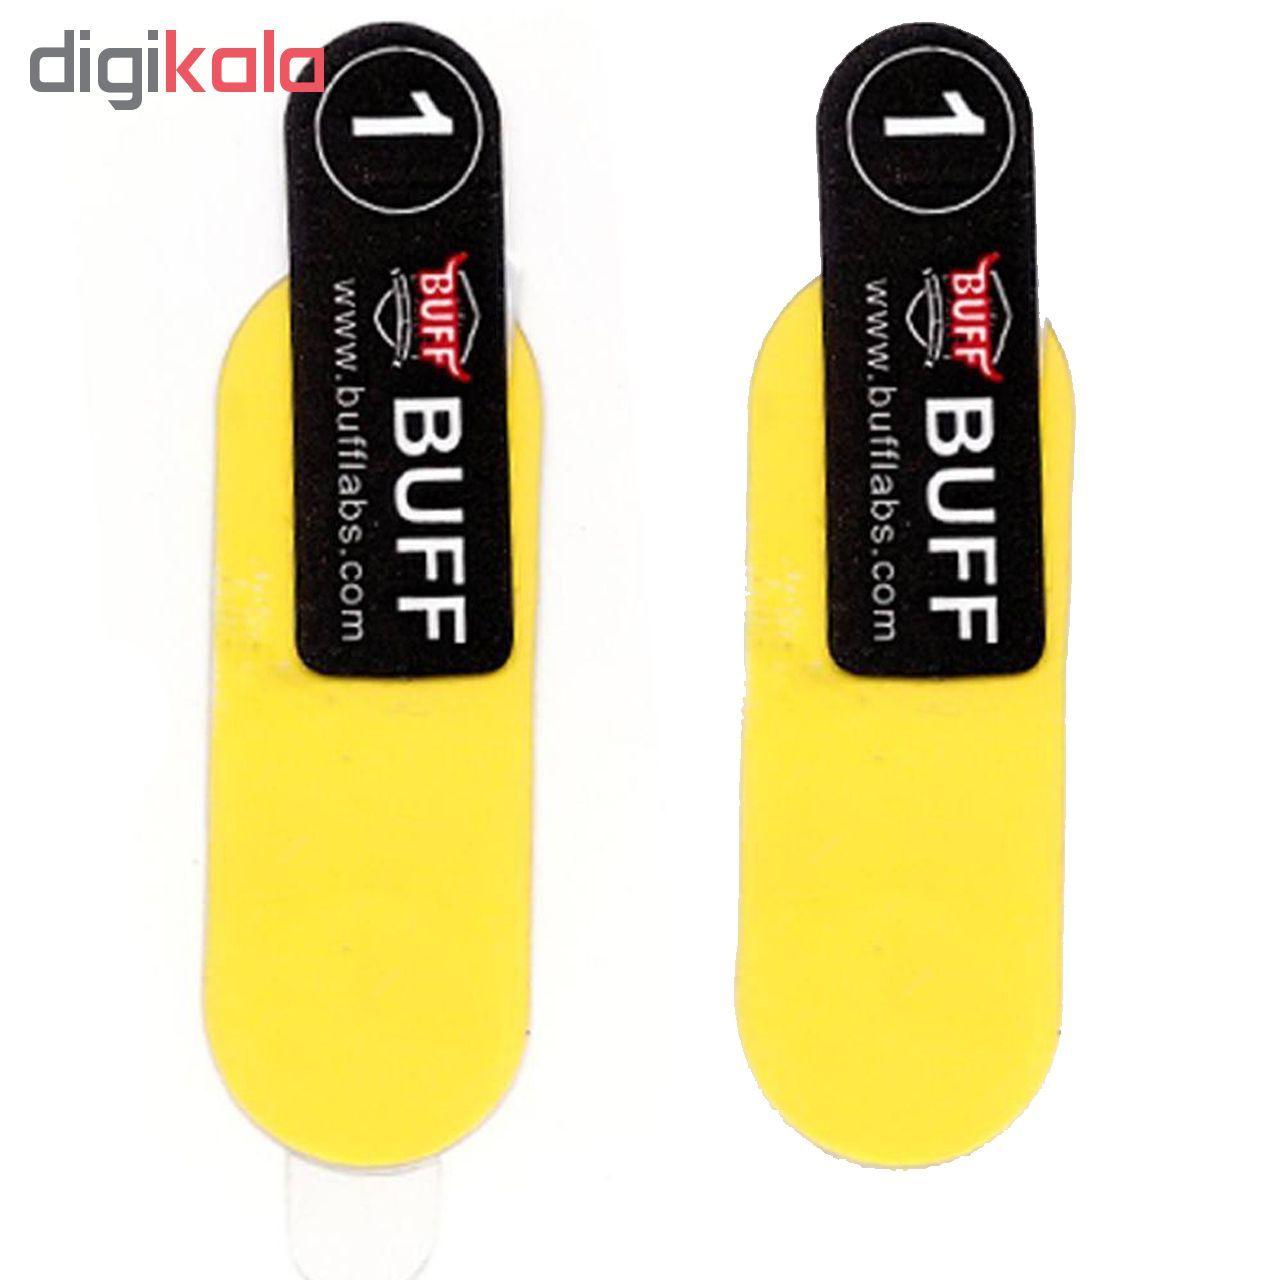 محافظ صفحه نمایش بوف مدل BF41  مناسب برای مچ بند هوشمند شیائومی Mi Band 4  بسته 2 عددی  main 1 1